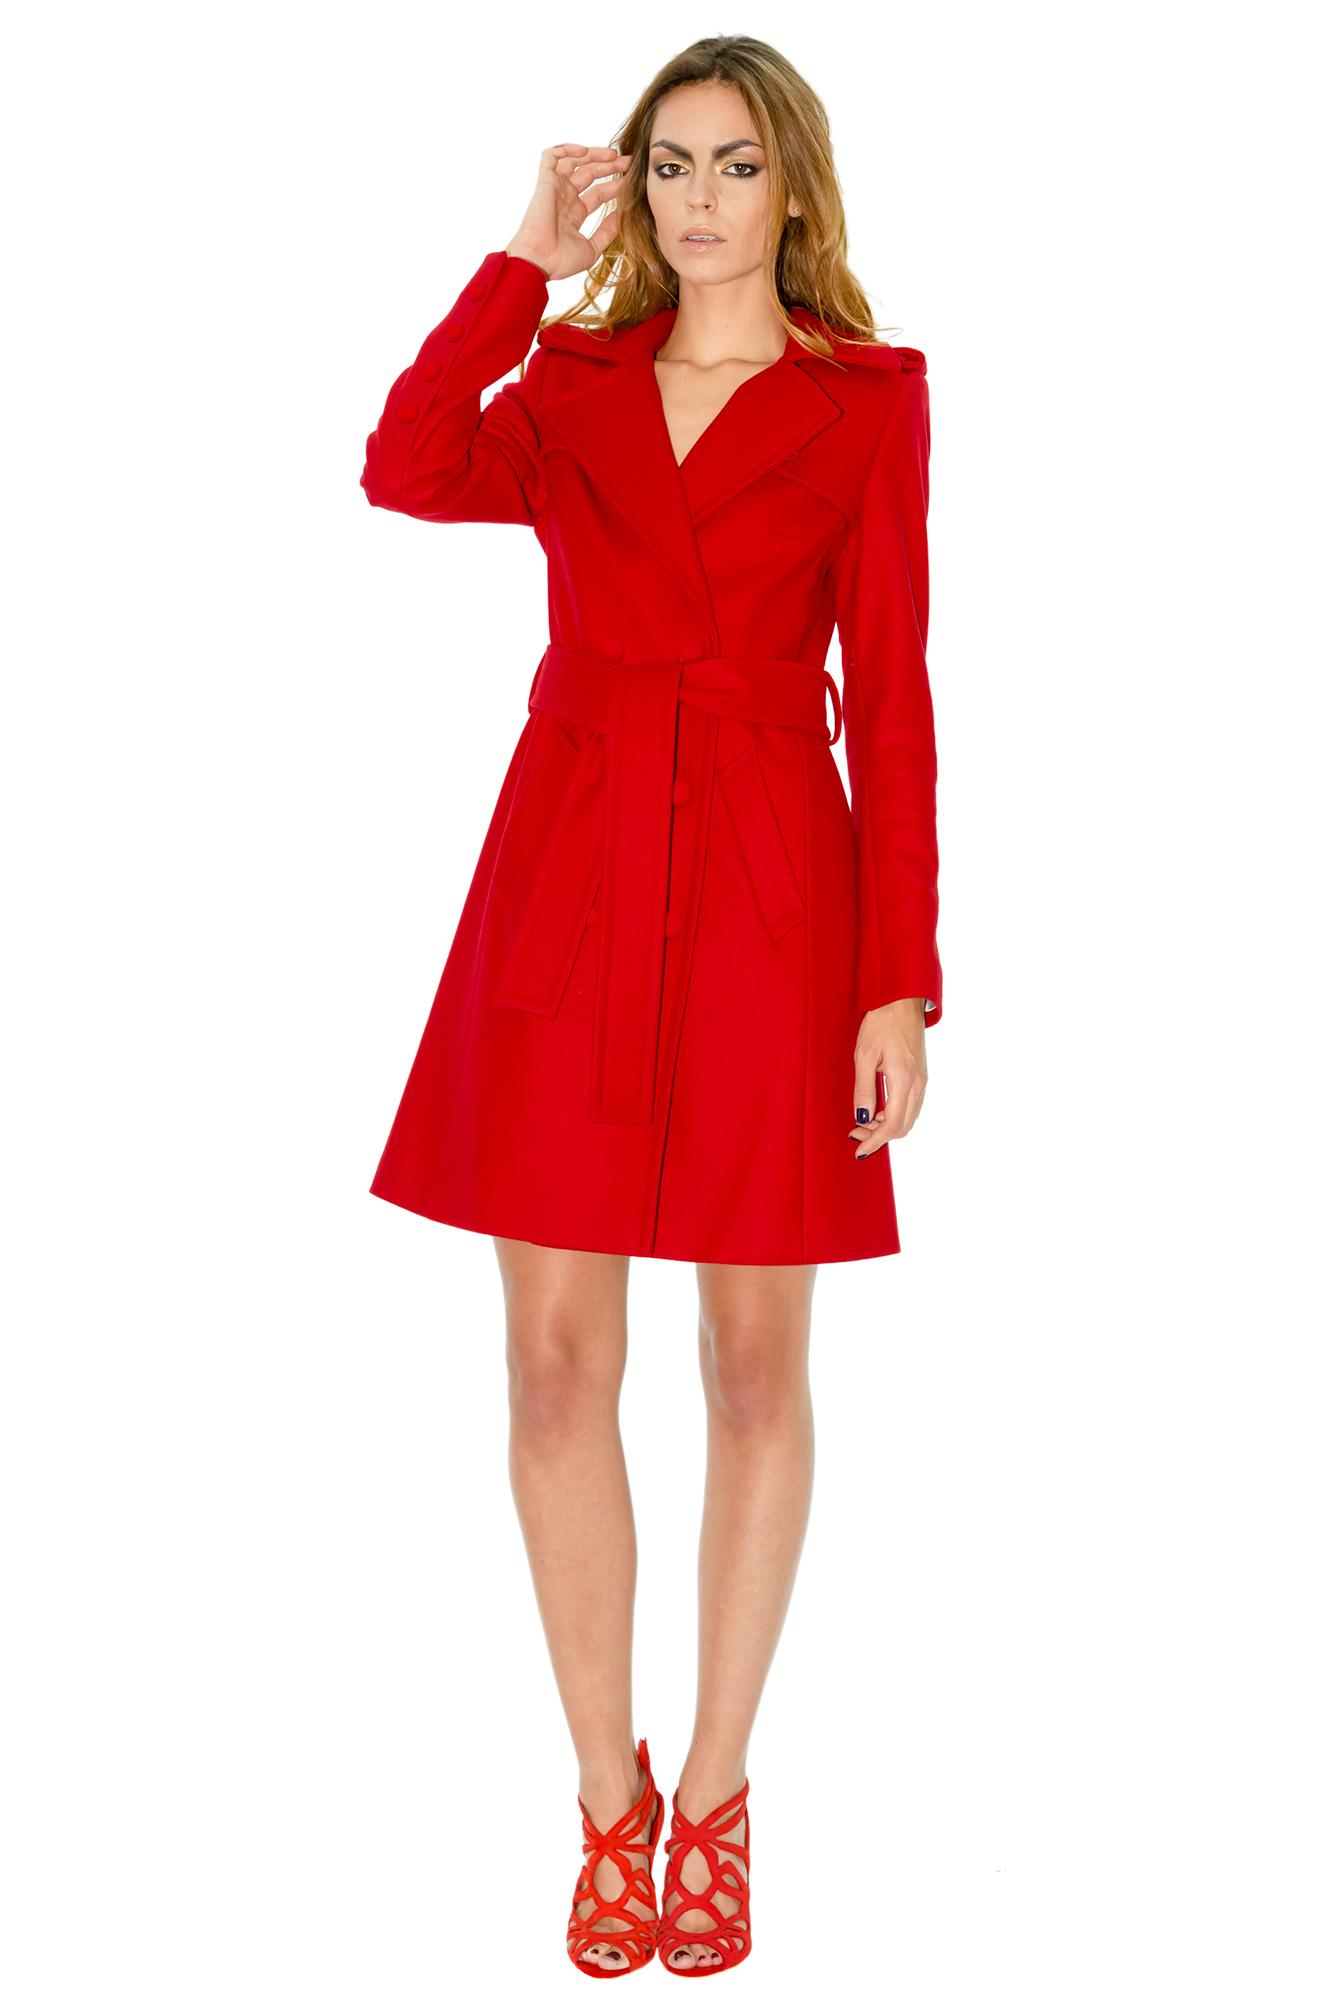 manteau cachemire manteau rouge manteau mi long manteau. Black Bedroom Furniture Sets. Home Design Ideas